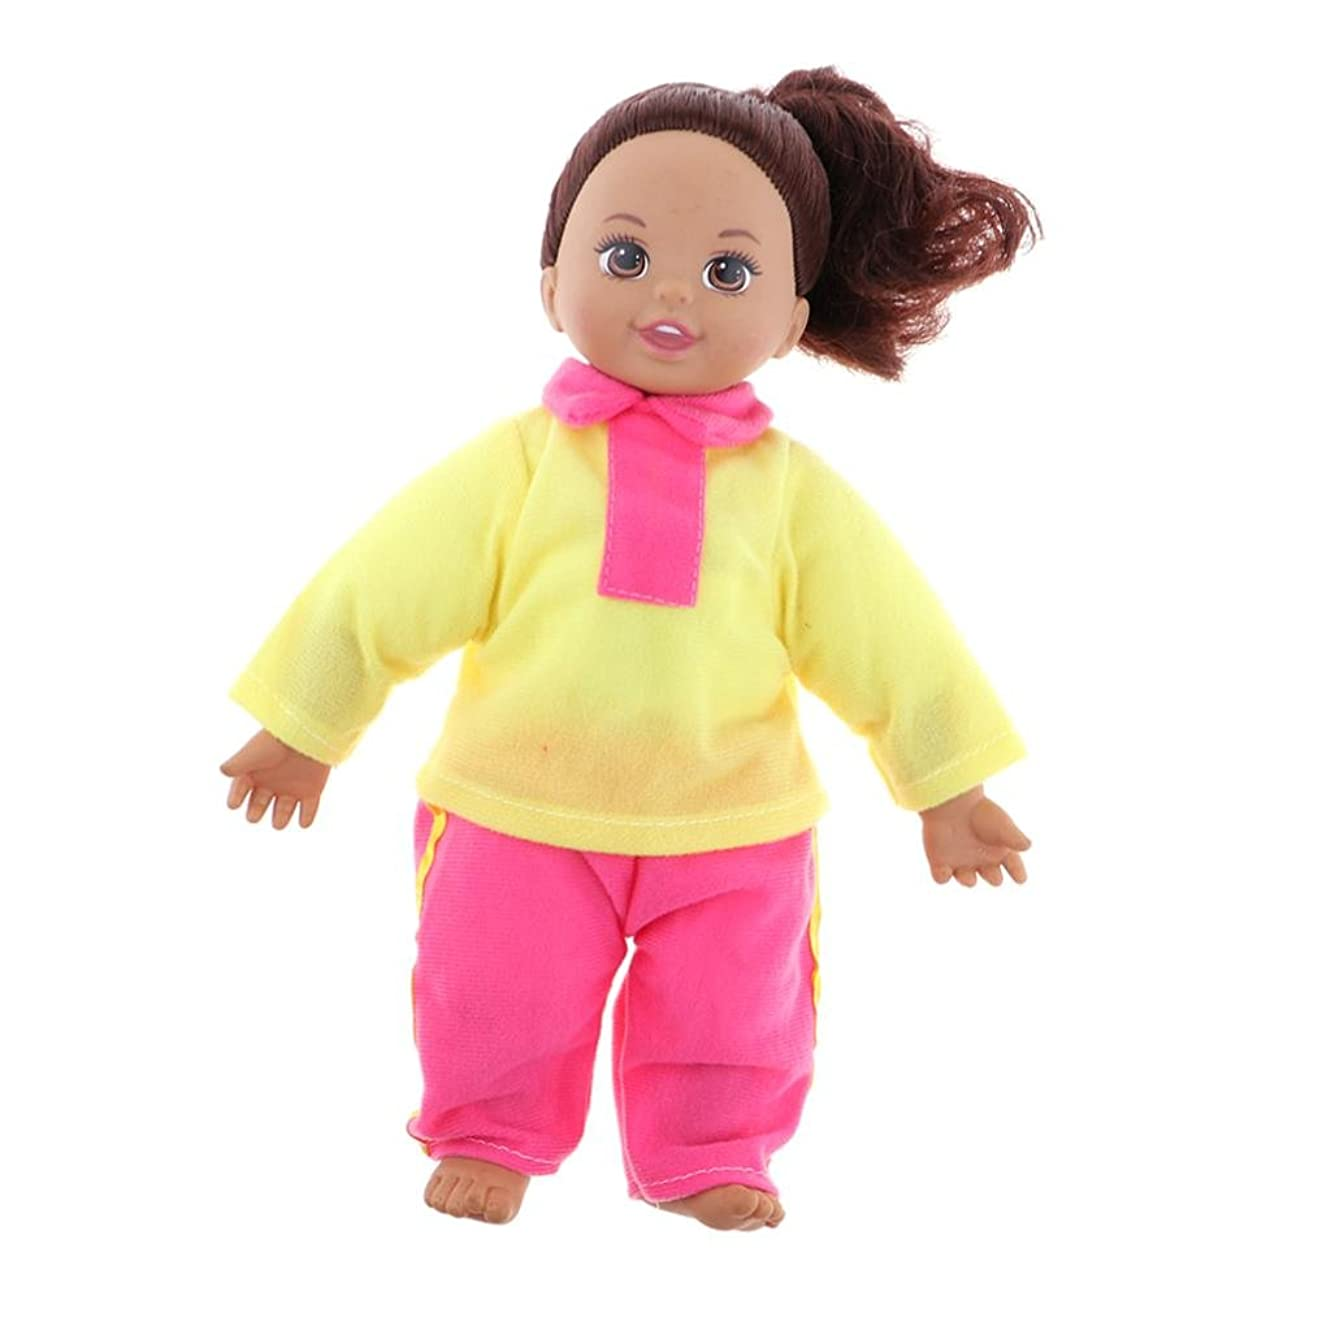 トリム放映均等に抱き人形 赤ちゃん人形 お人形セット 人形 ドール コスチューム人形 高さ約31cm